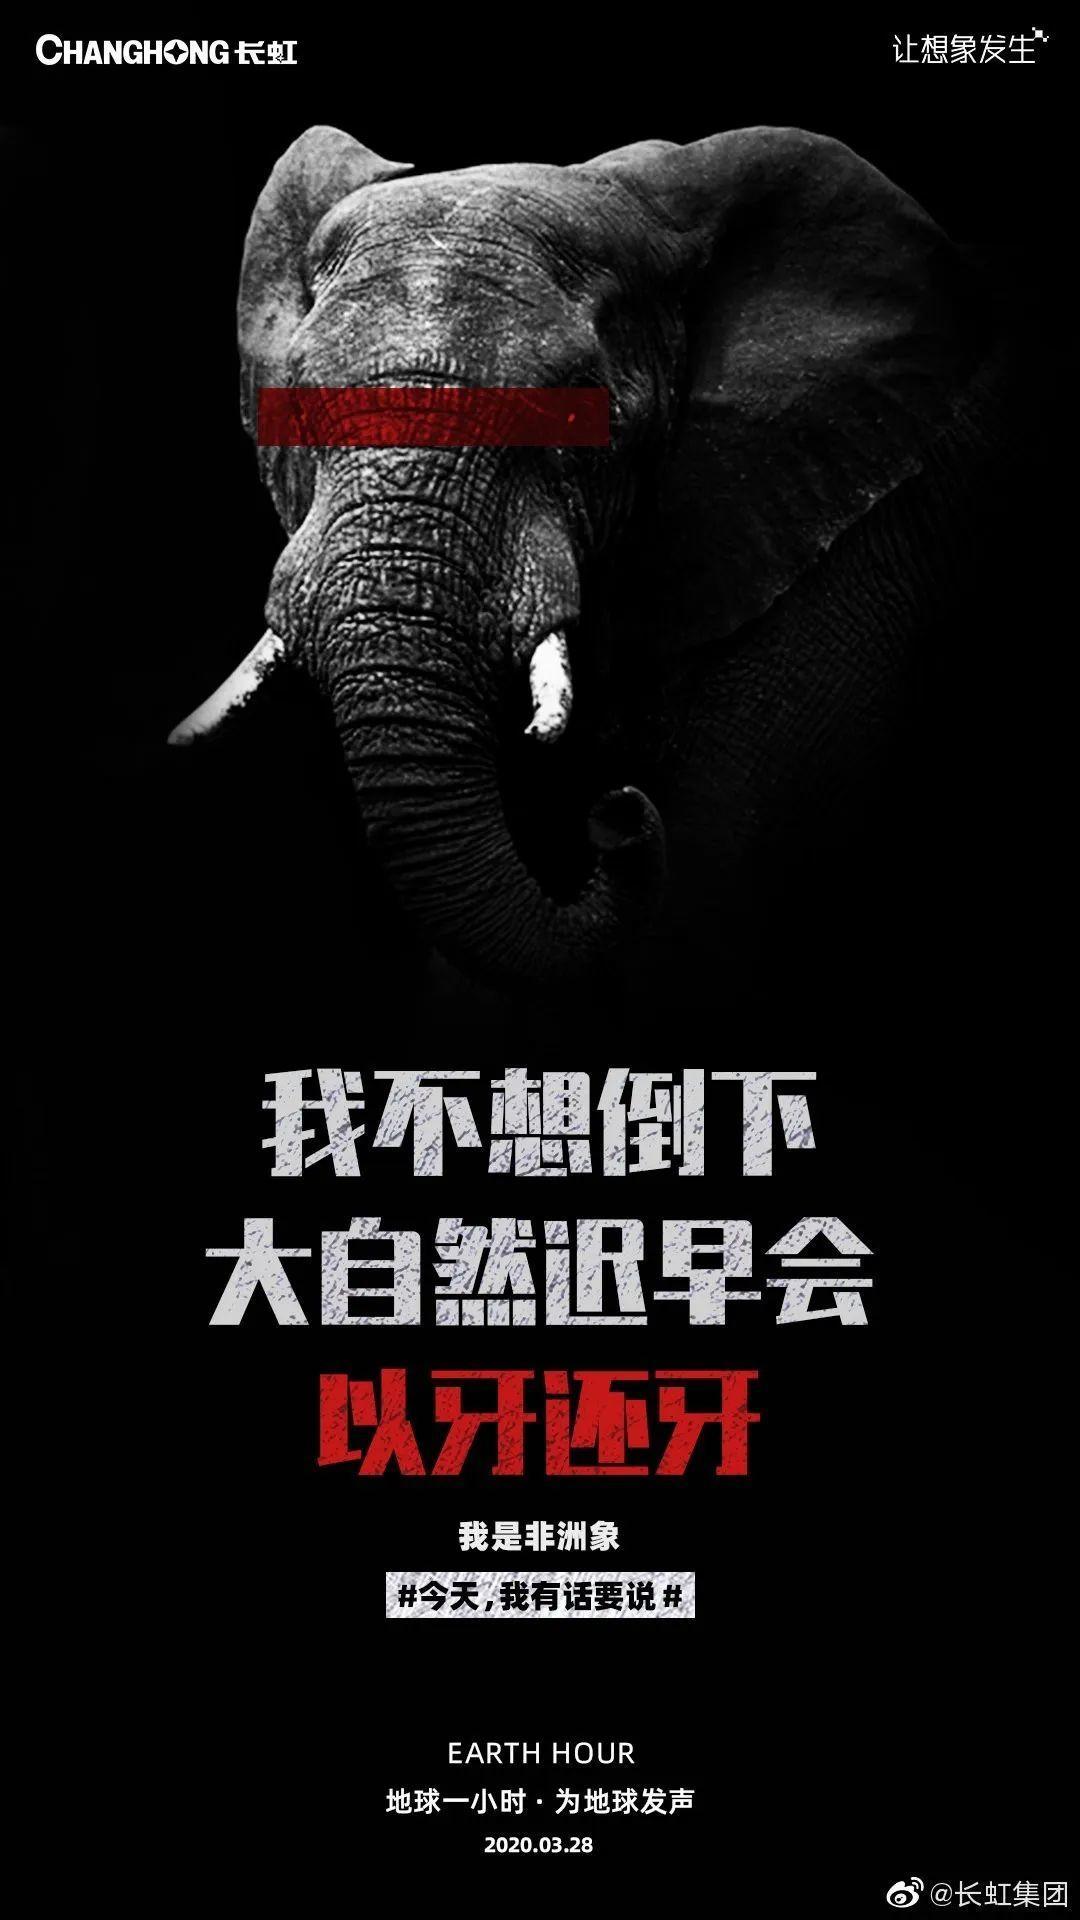 10 个品牌的公益海报